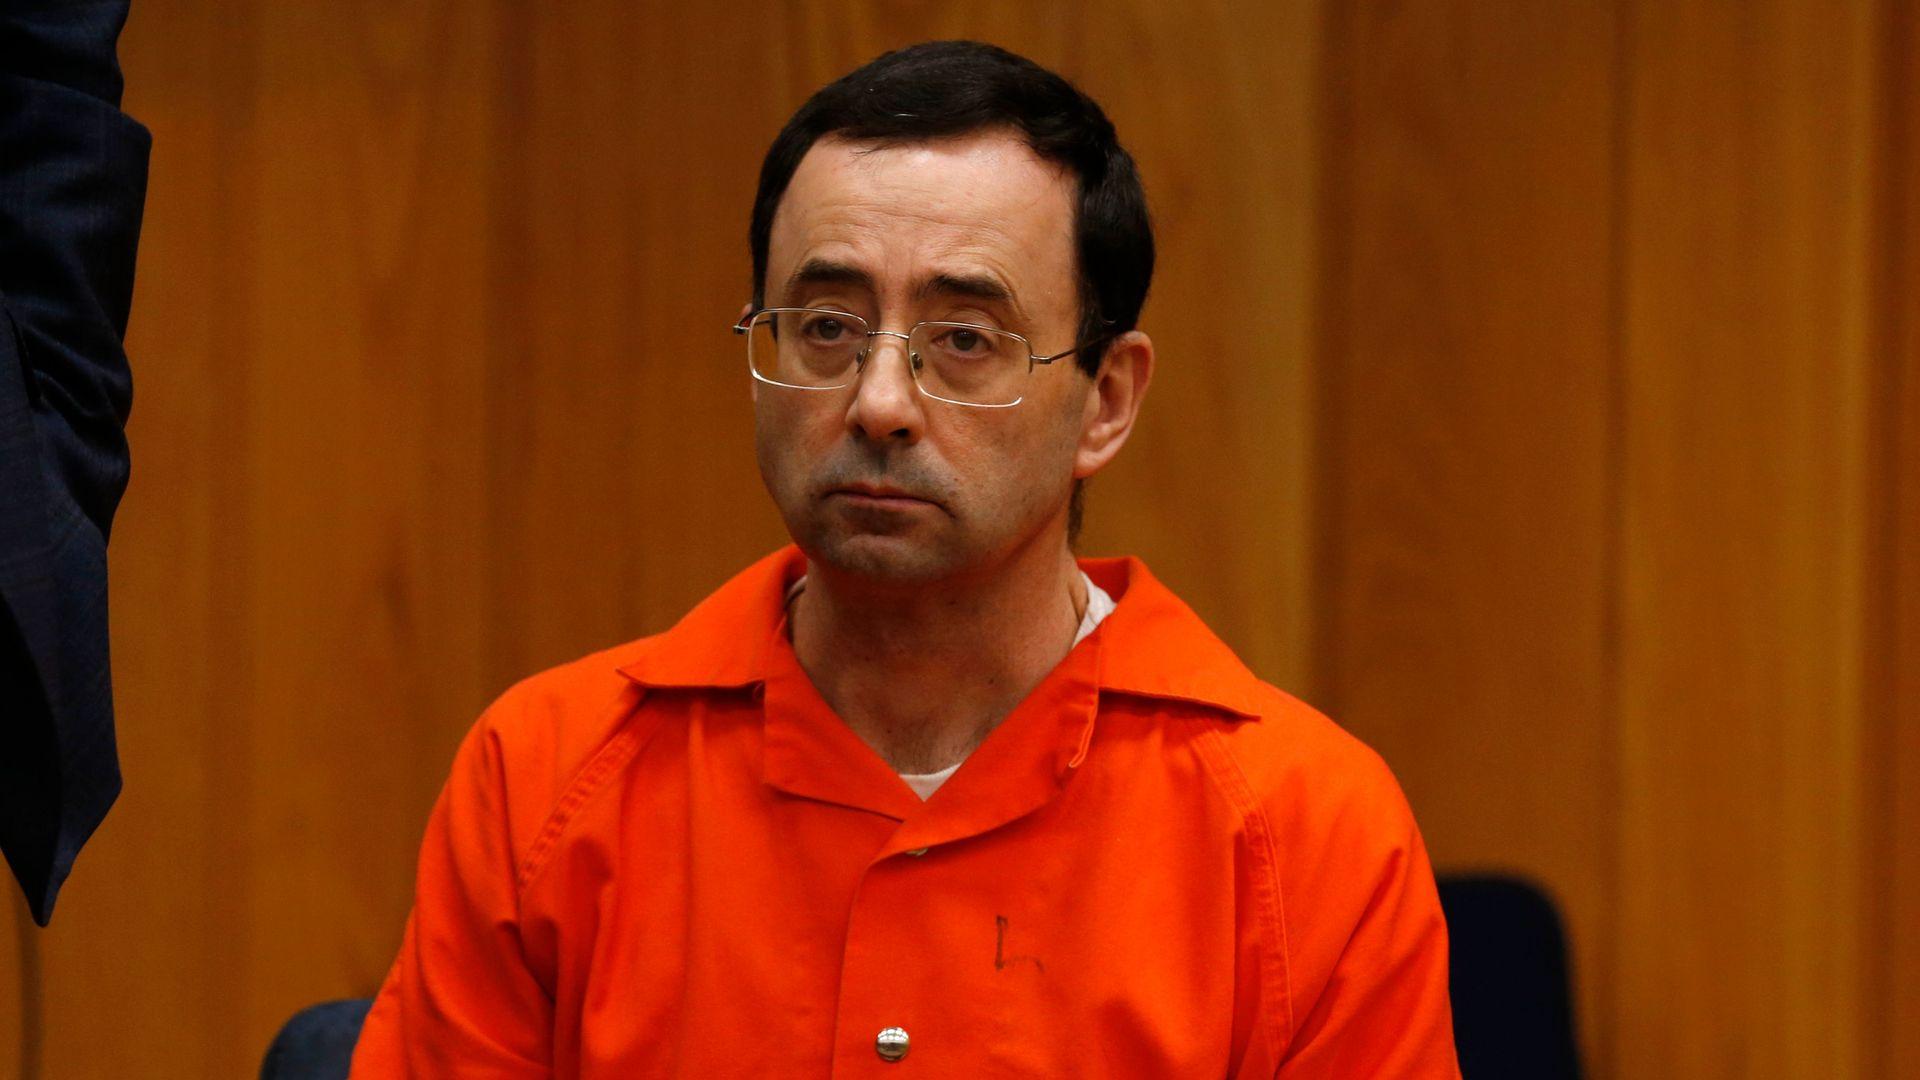 Larry Nassar in orange jumpsuit looks sad.